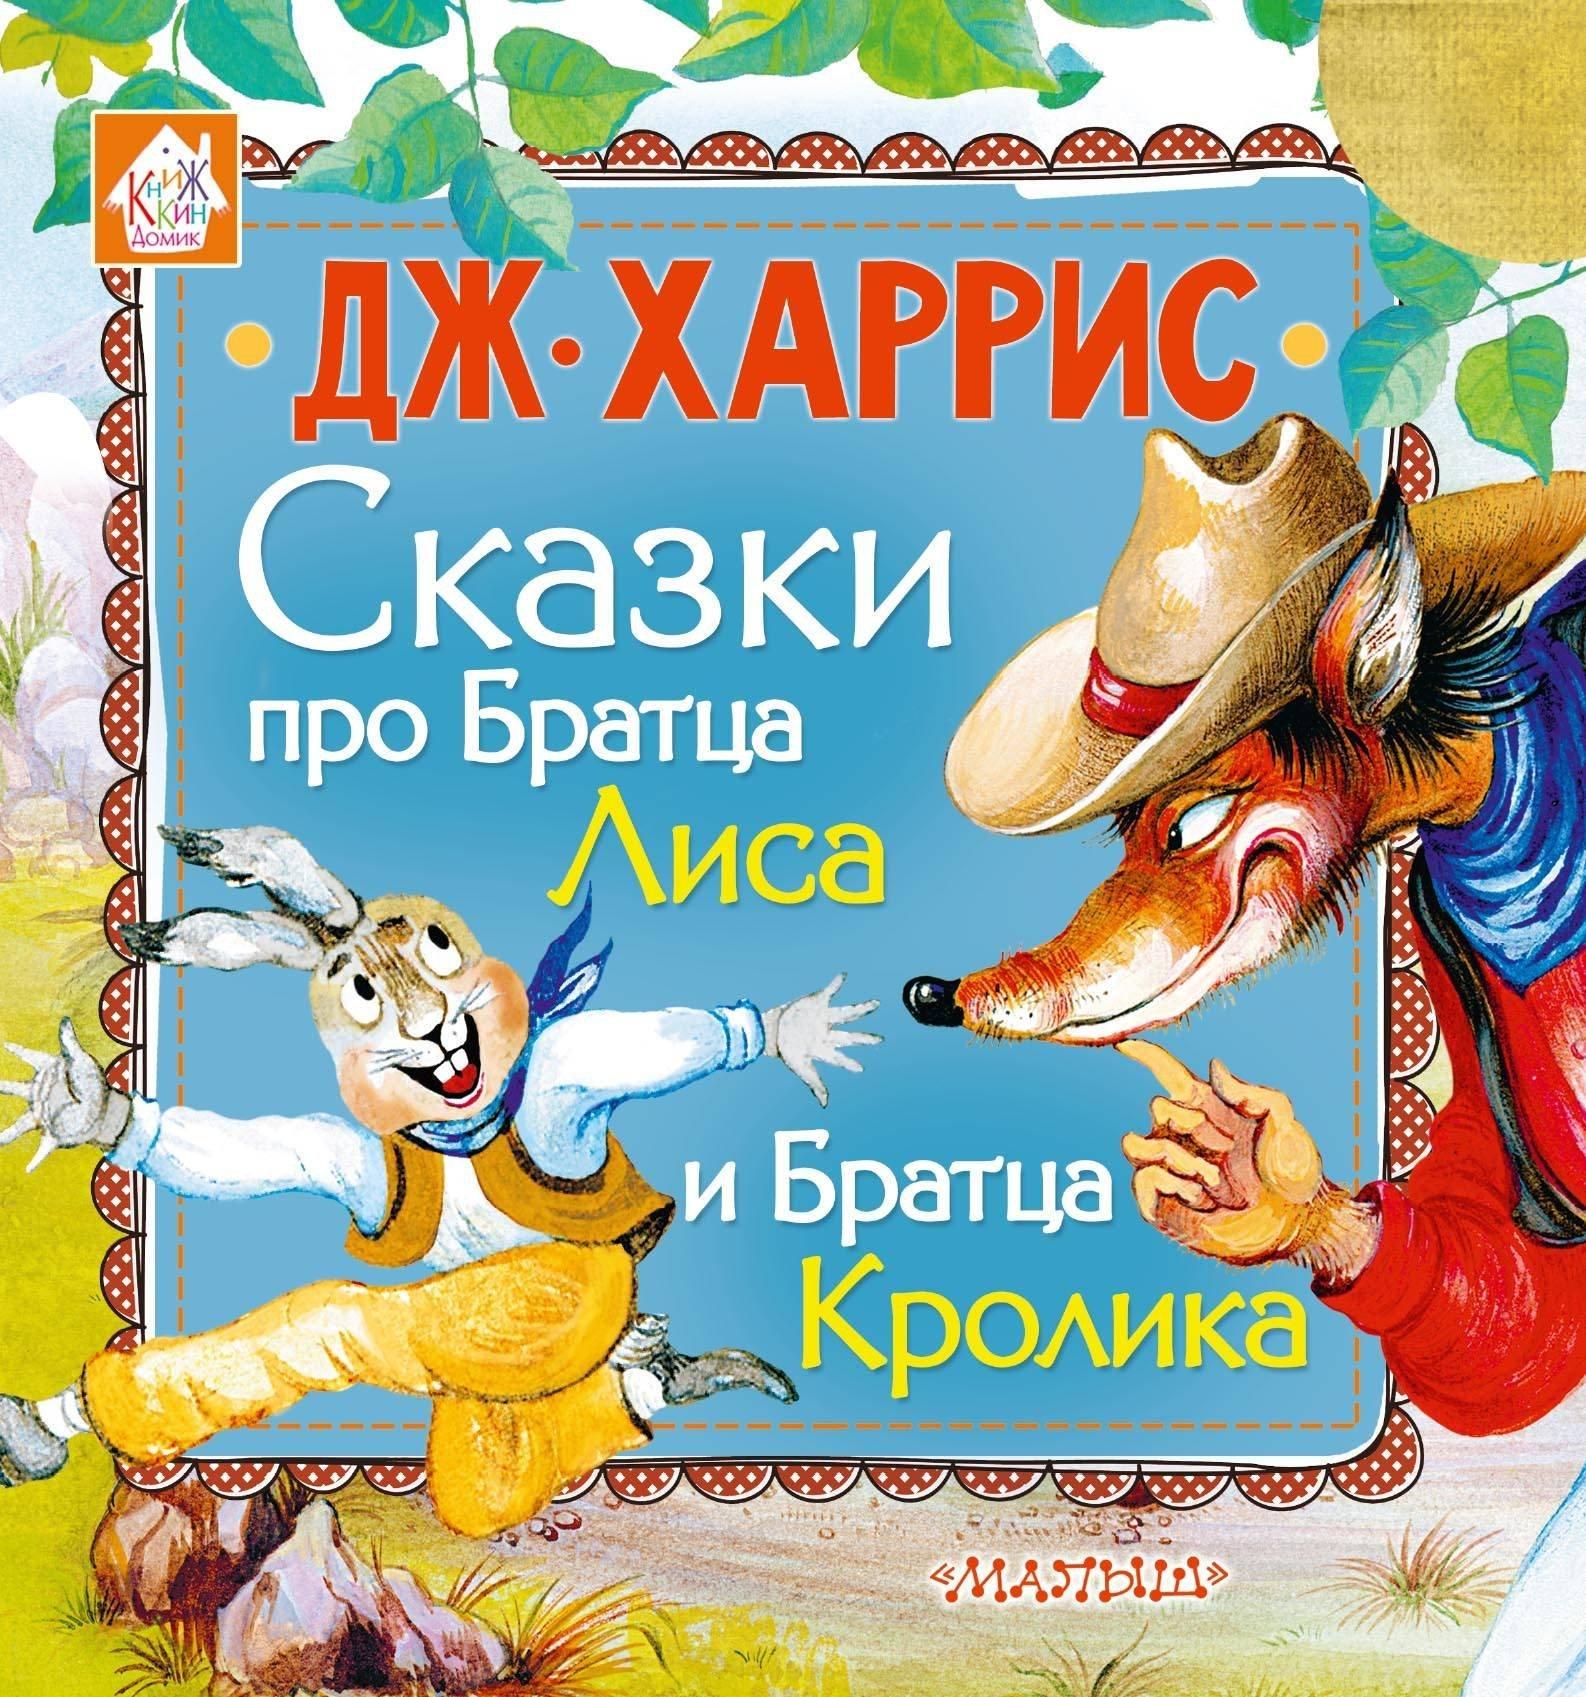 Download Skazki pro Brattsa Lisa i Brattsa Krolika pdf